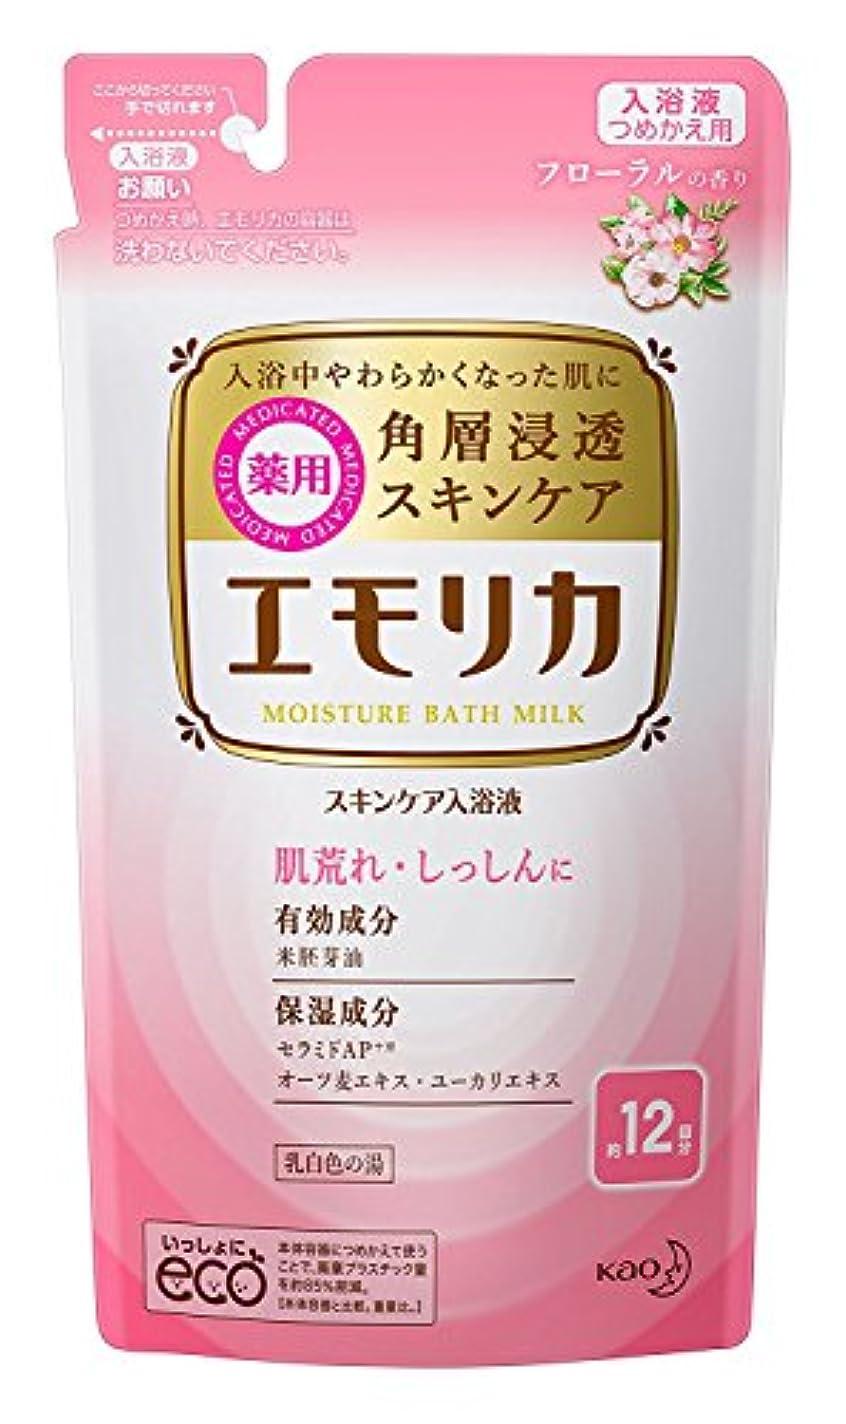 【花王】エモリカ フローラルの香り つめかえ用 360ml ×20個セット